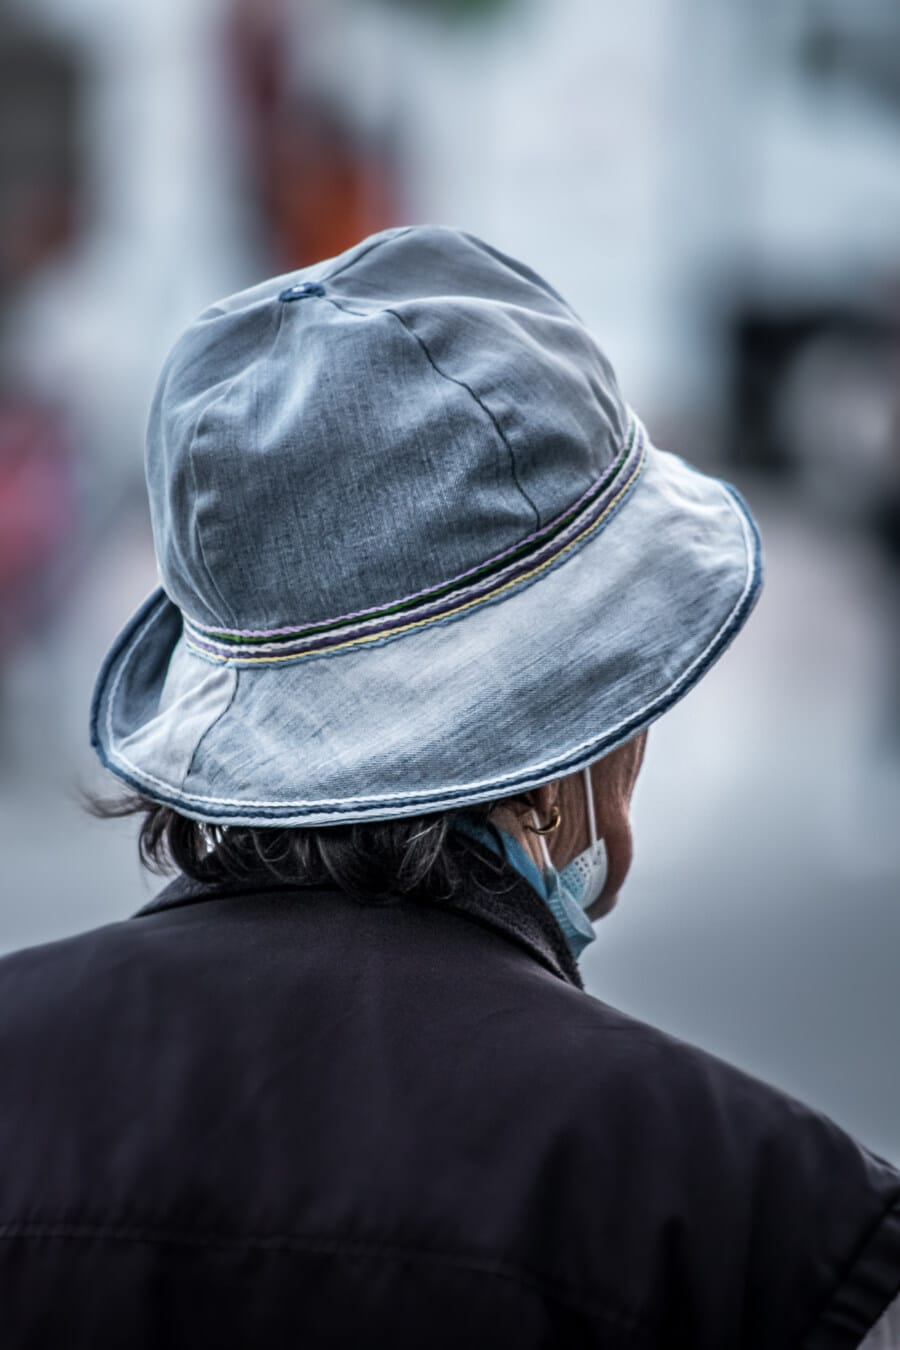 brillant, bleu, Jeans, denim, chapeau, style ancien, décontractée, classique, femme, Ville